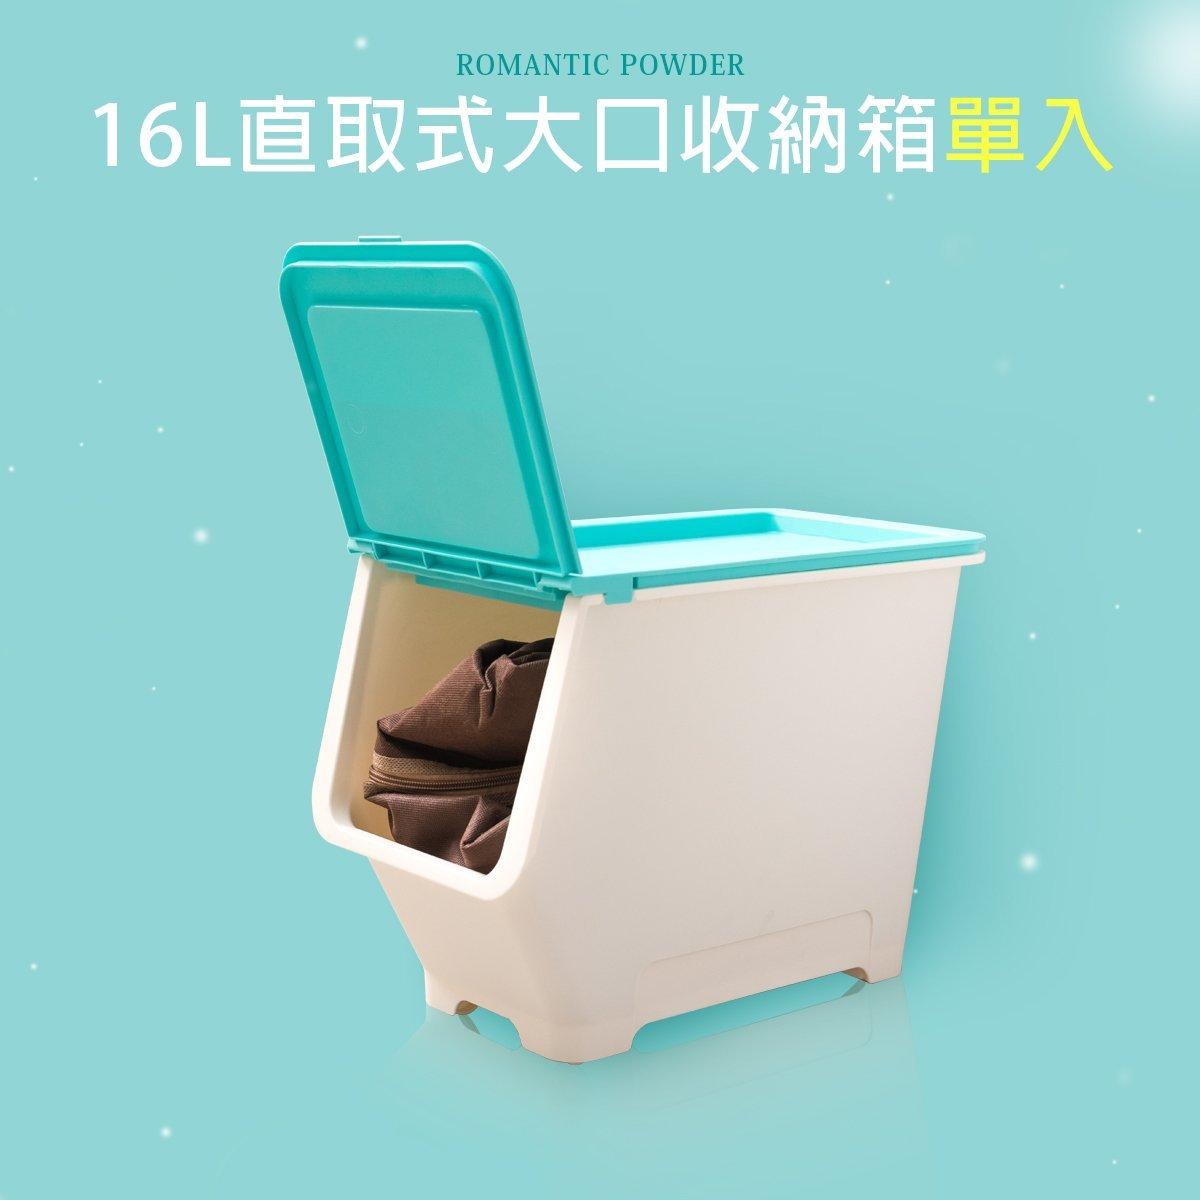 收納箱【小型單入】直取式大口收納箱【架式館】LV5001 玩具箱 塑膠箱 整理箱 衣物收納 置物櫃 自由堆疊